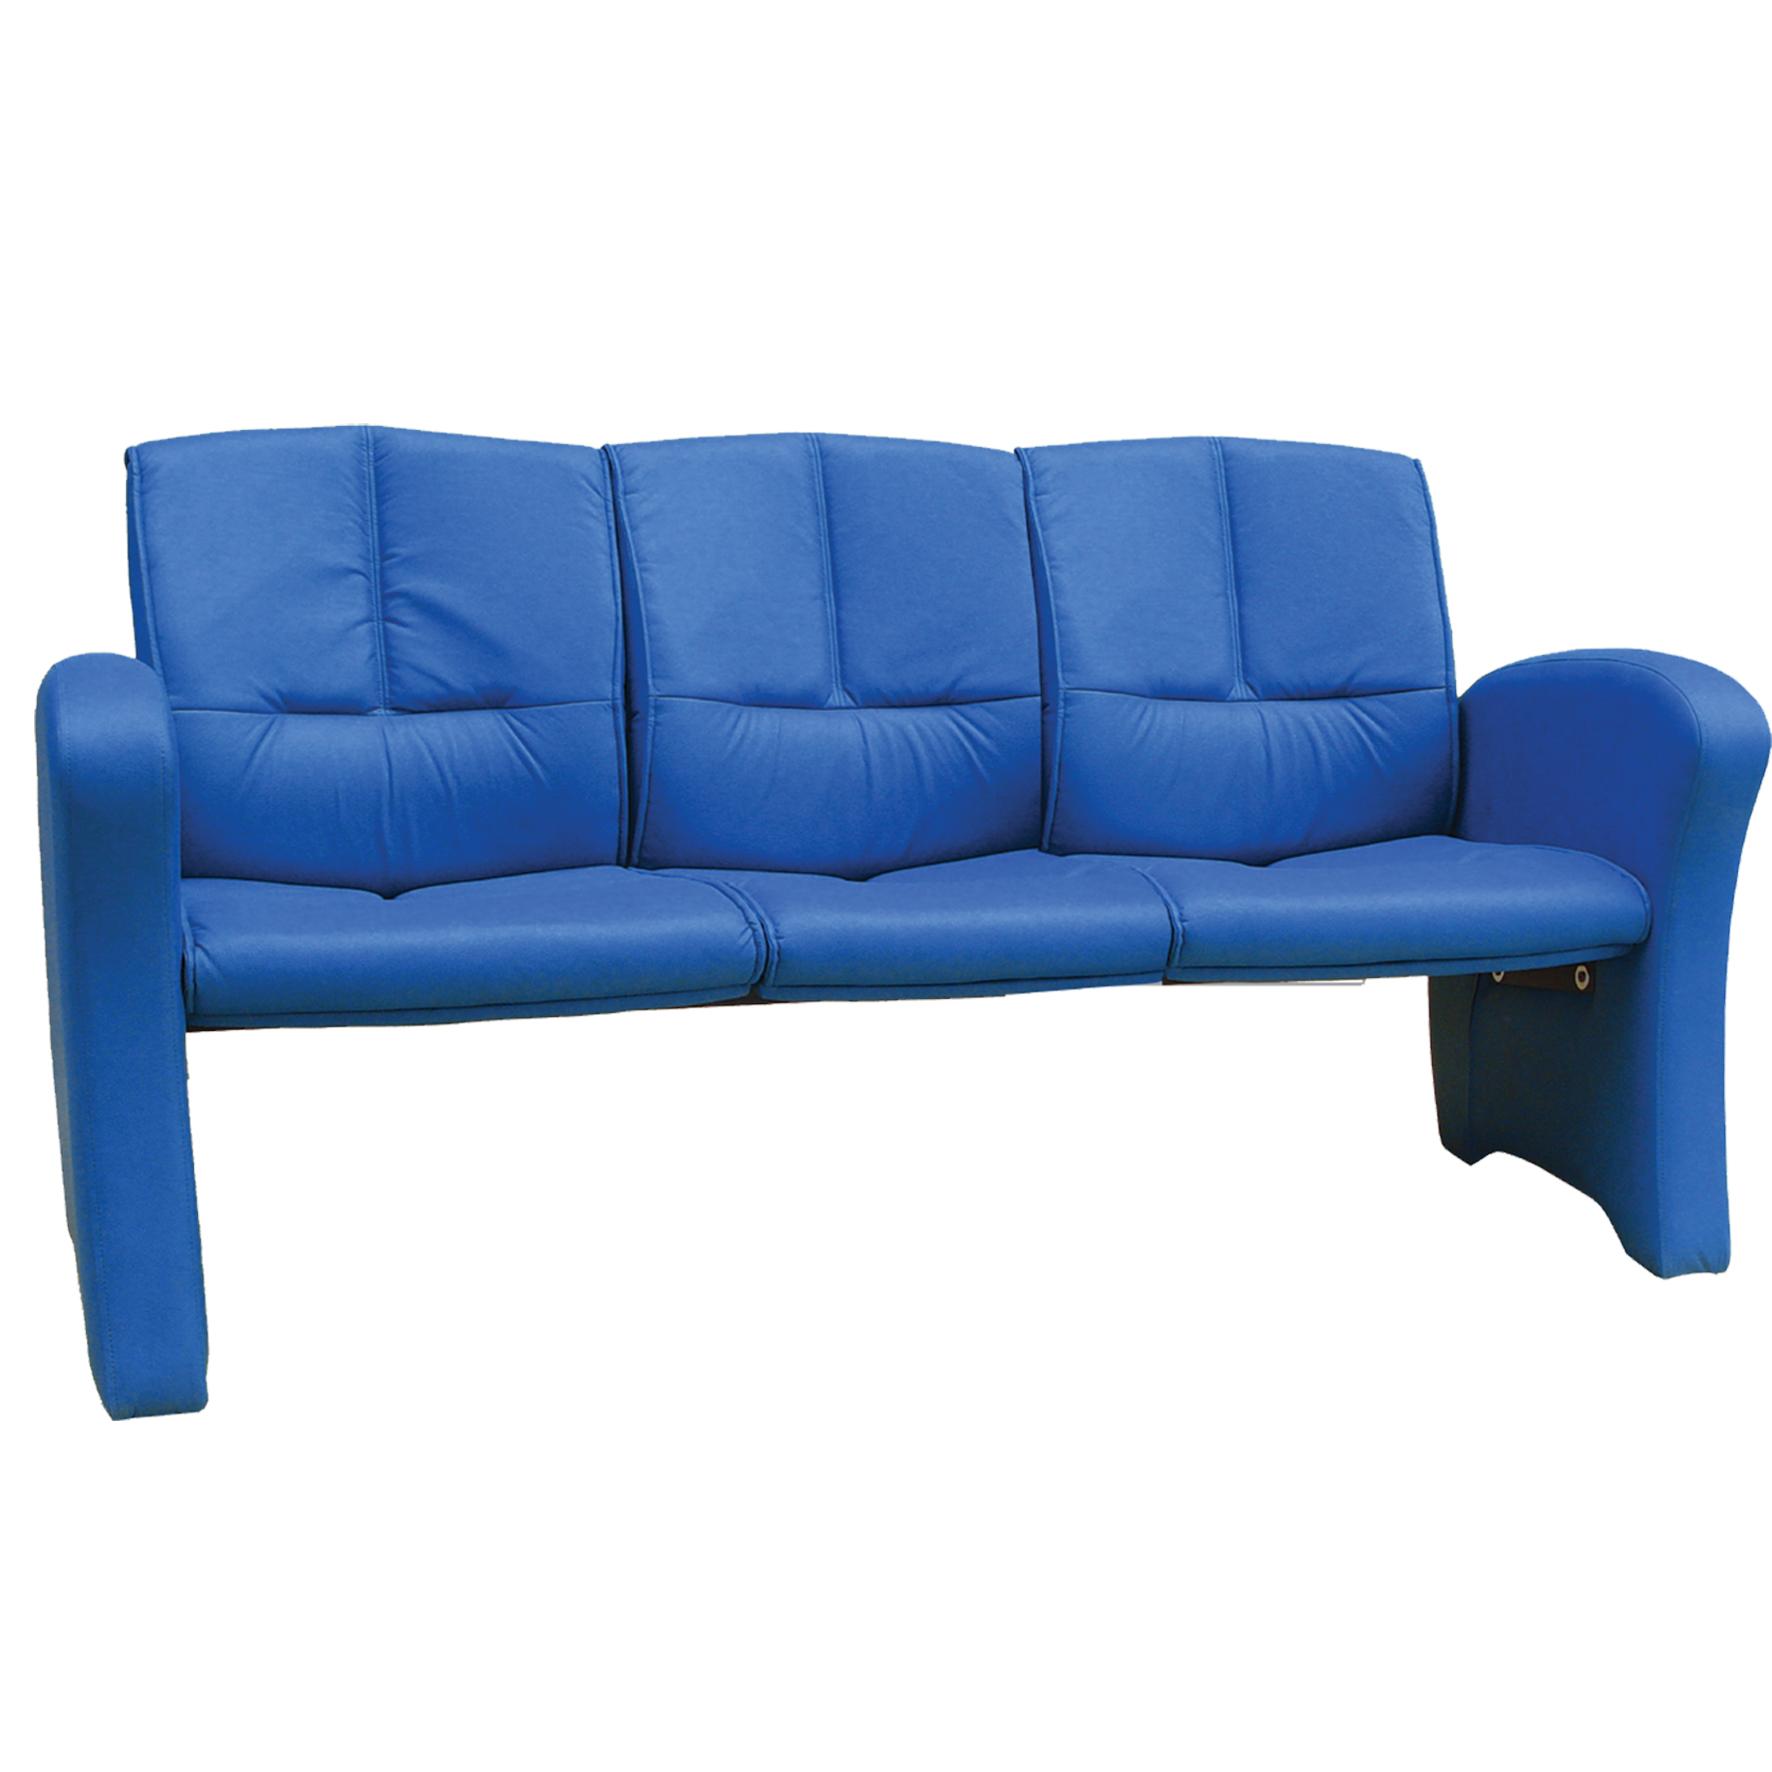 Sofa 198 grupo meta soluciones de limpieza muebles y for Sofa oficina